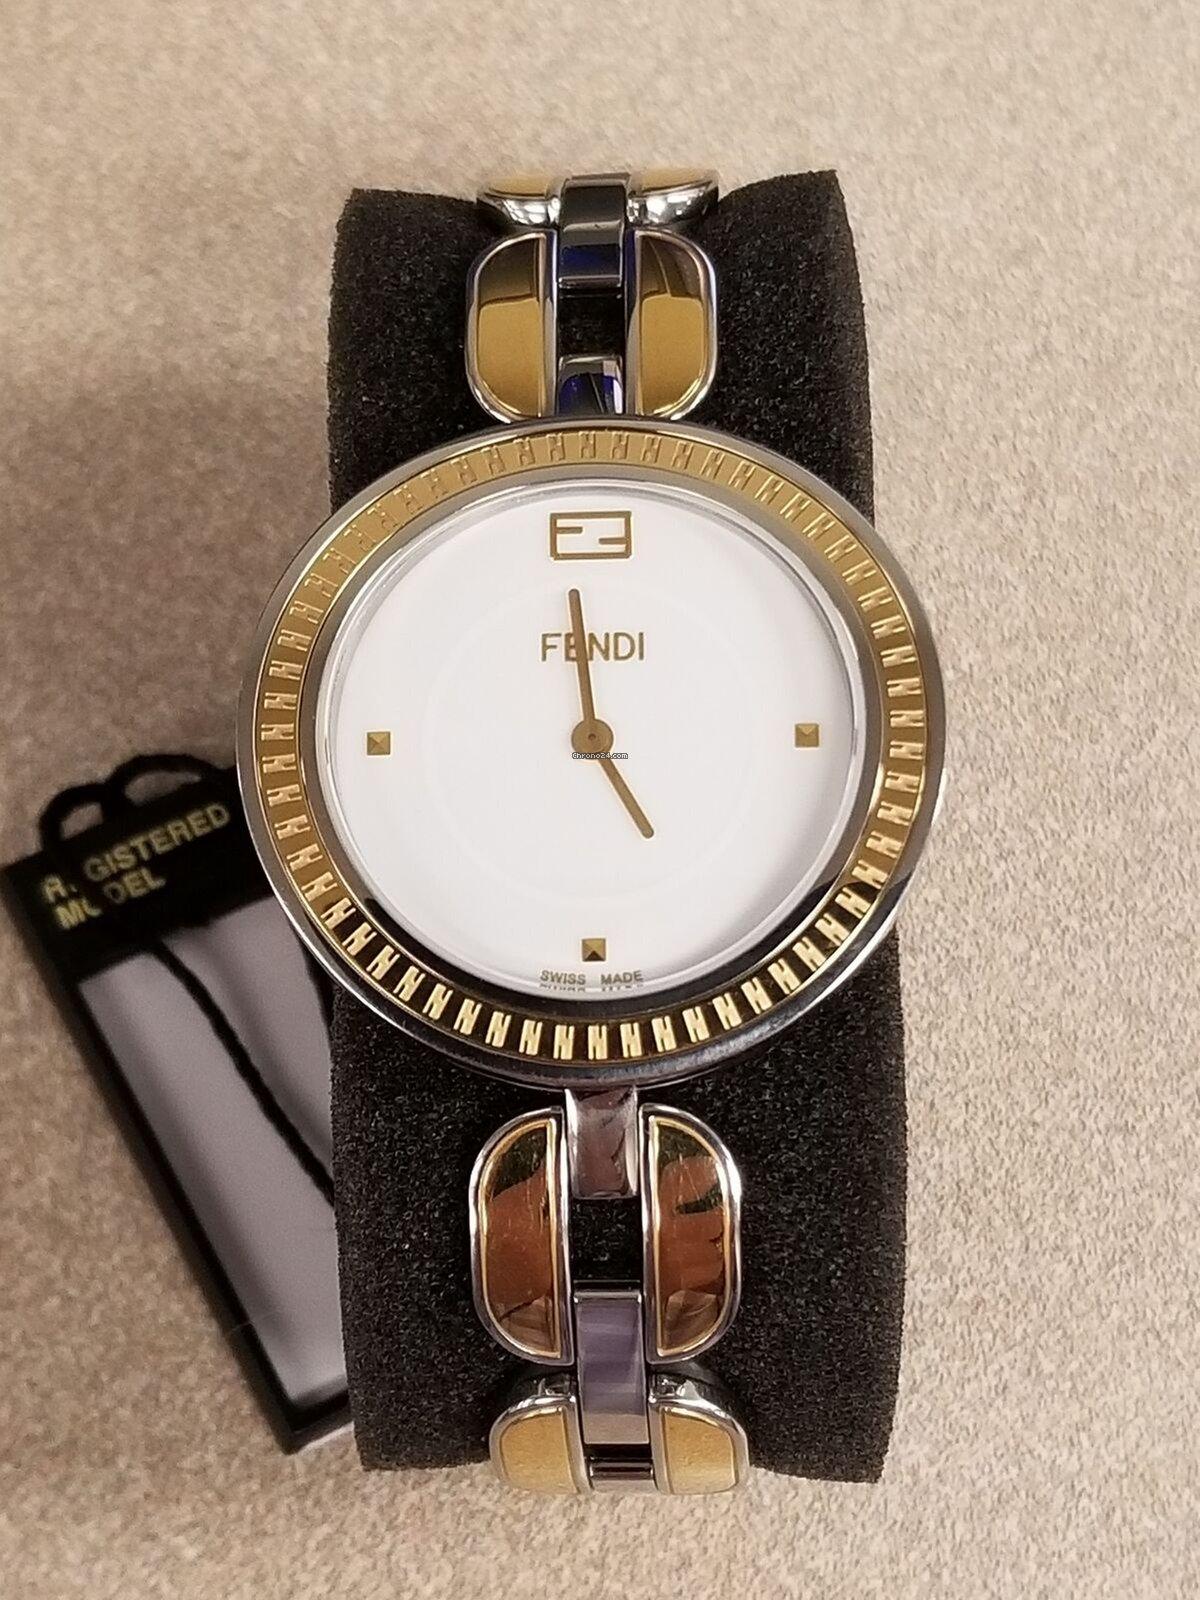 712a46d632df Fendi My Way Large Ladies Watch Model F351134000 en venta por Precio a  petición por parte de un Seller de Chrono24